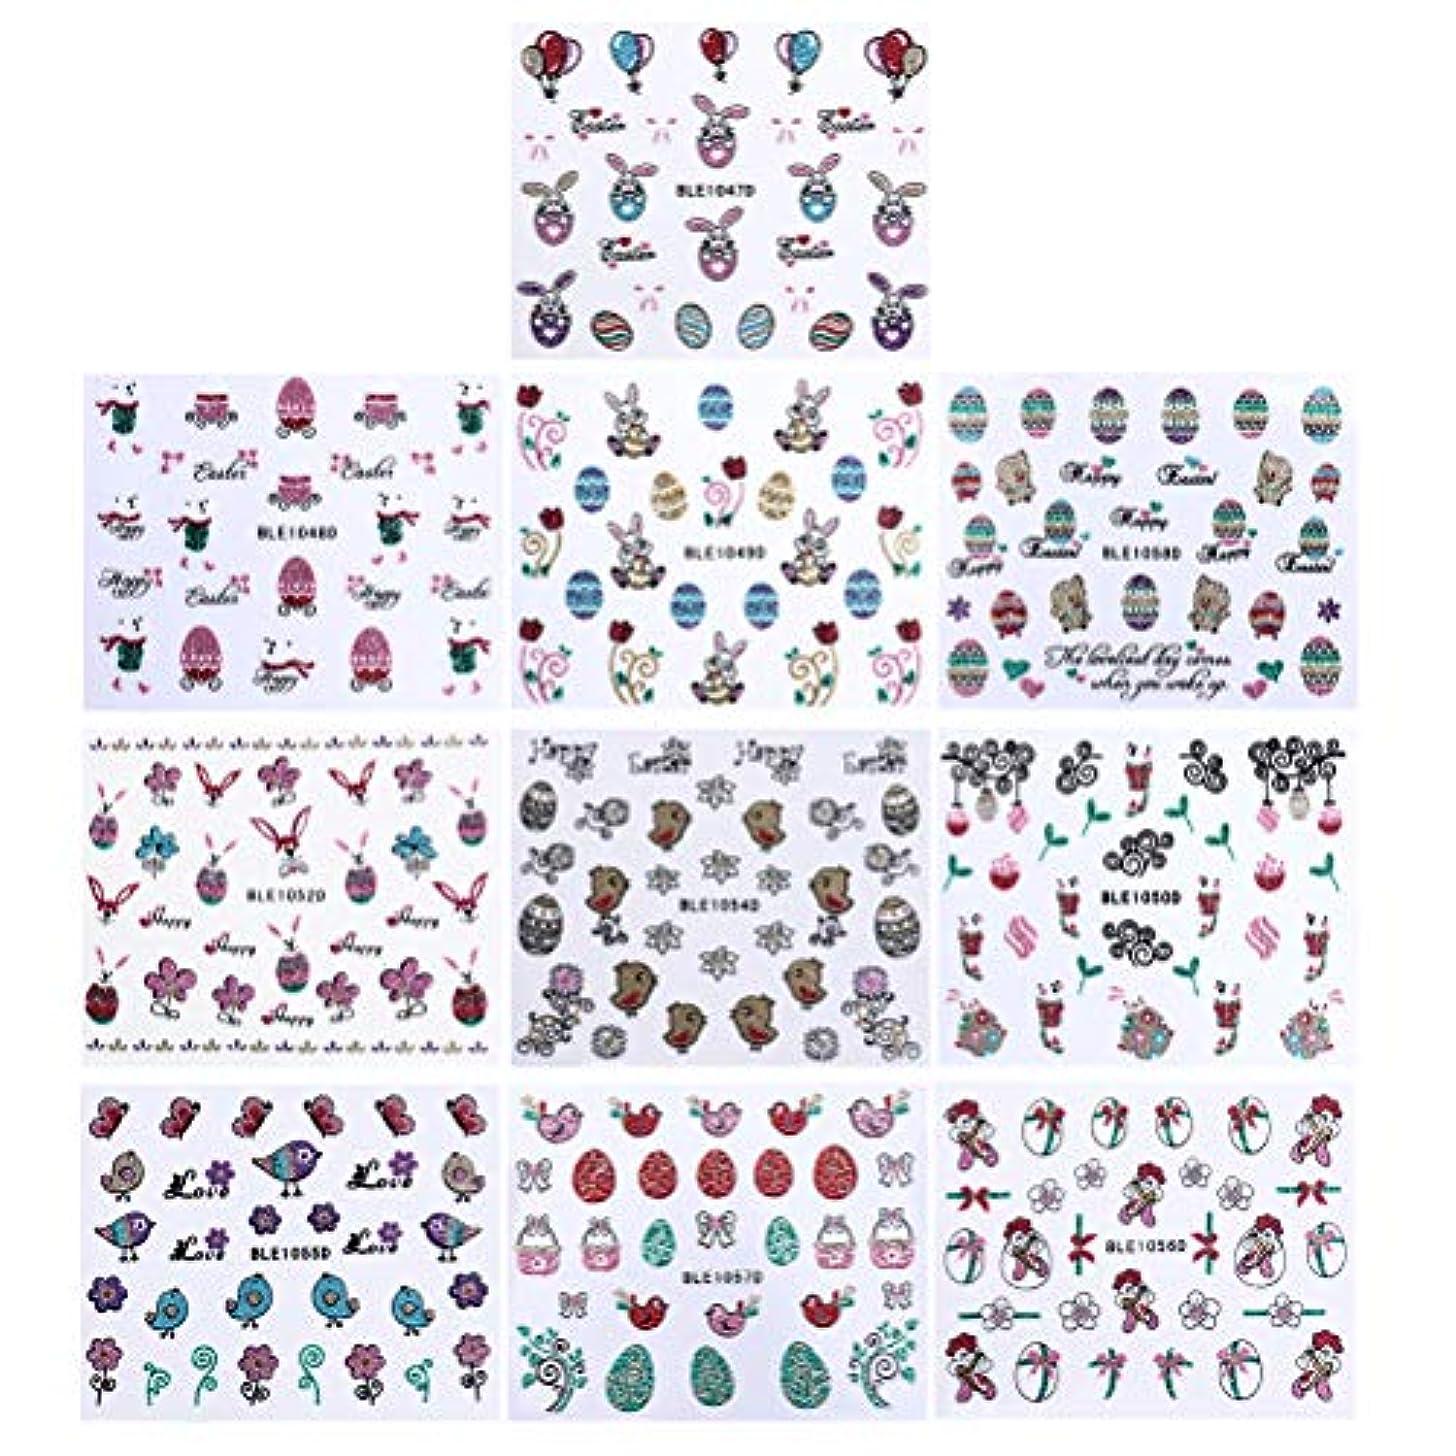 刈り取る第九船酔いFrcolor ネイルシール ネイルアートシール ネイルステッカーキラキラ 3Dシール 动物 漫画 DIYネイルアプリーク 可愛いネイル飾り 10個